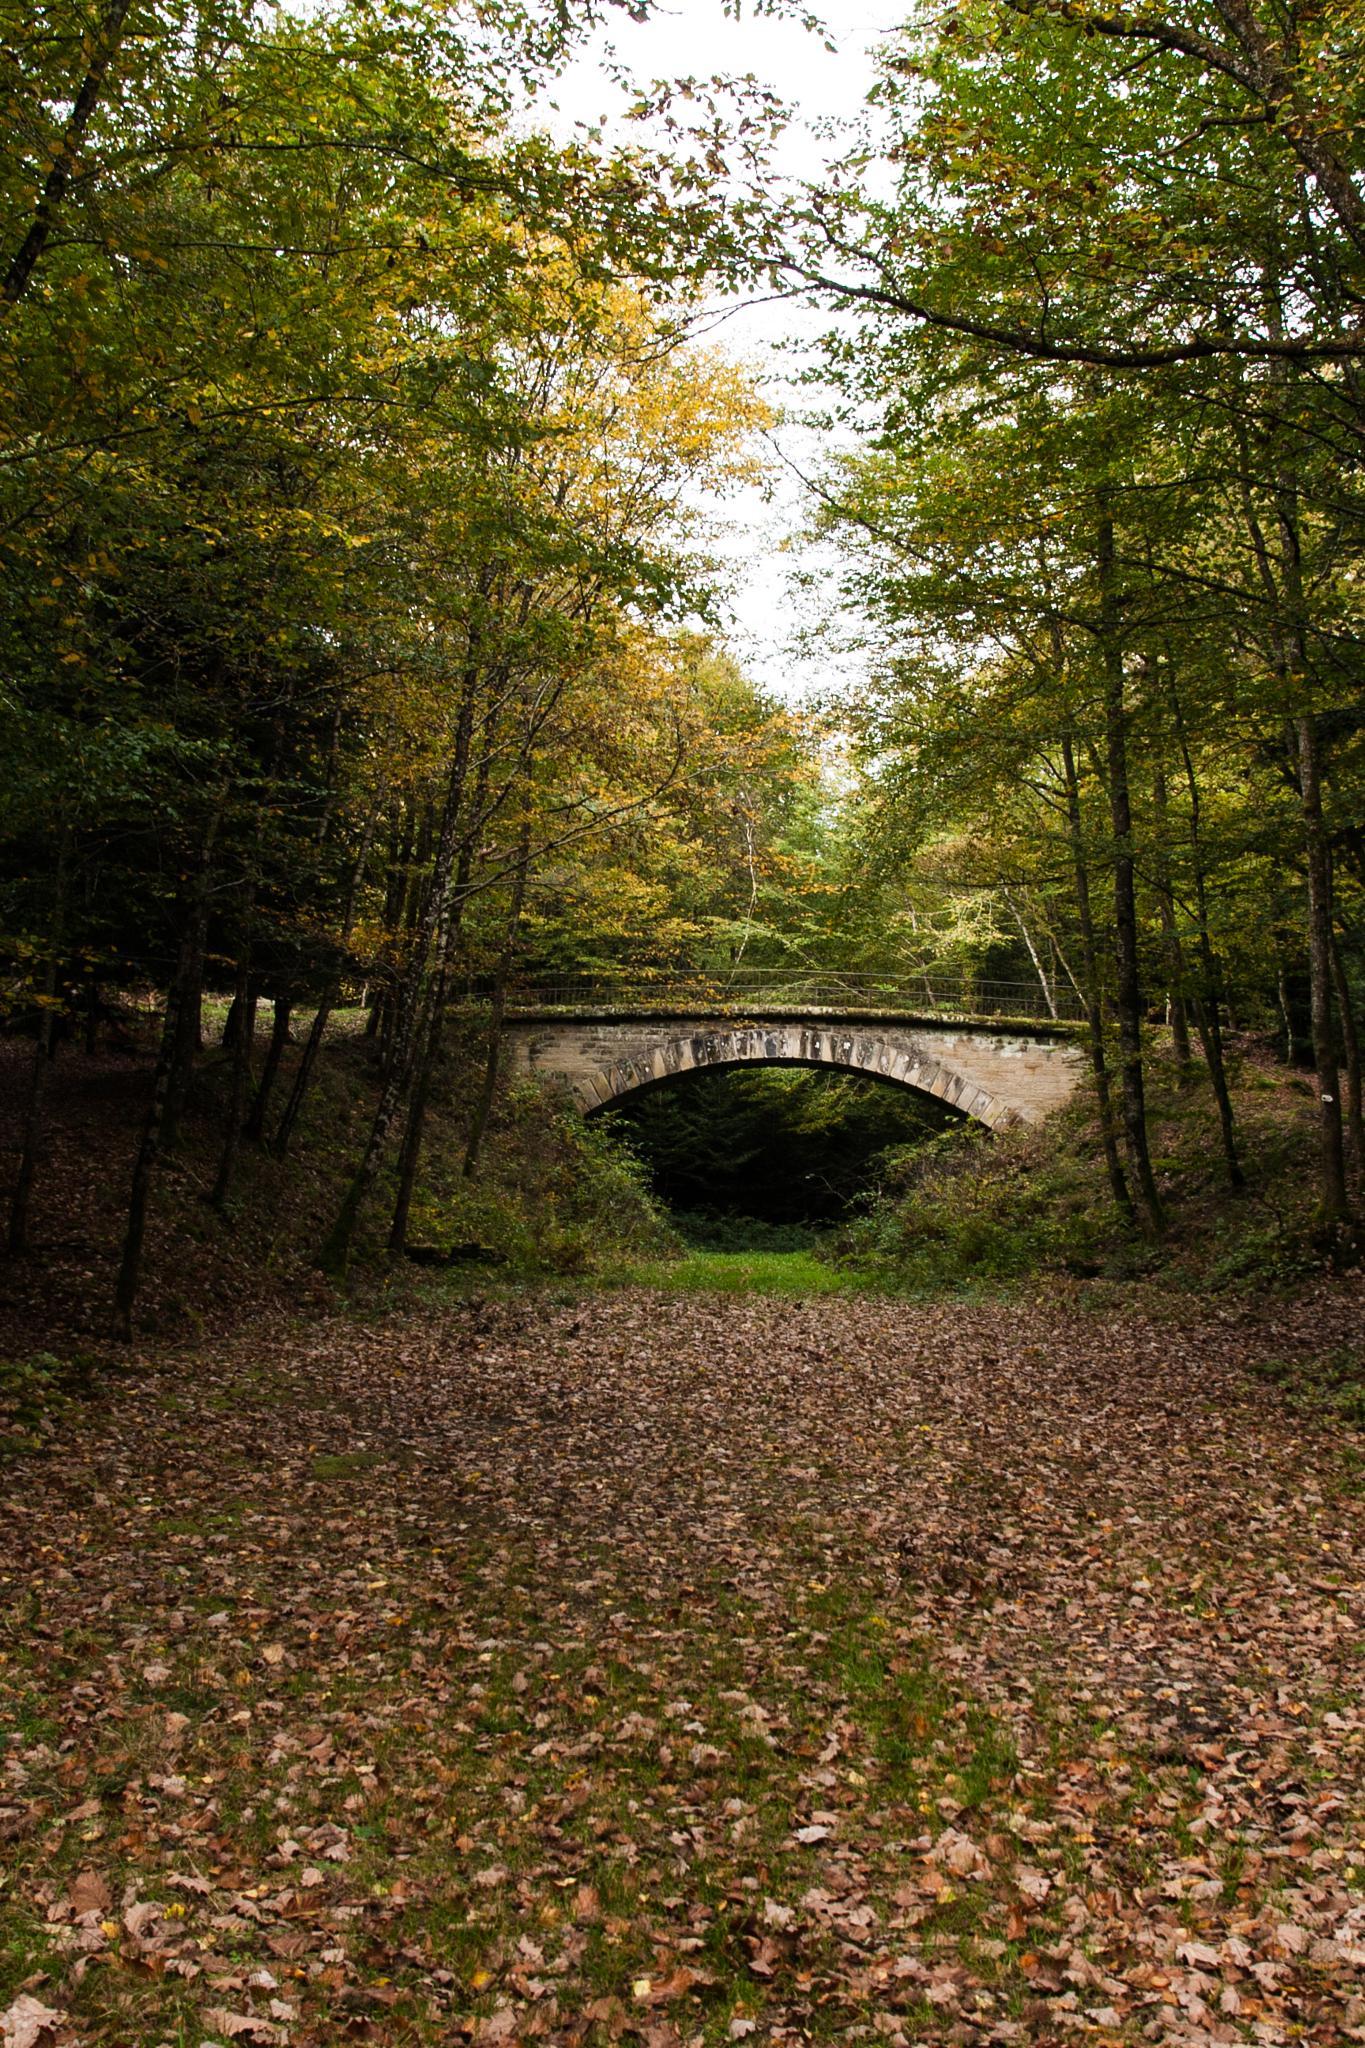 Lost Bridge I by Axel La